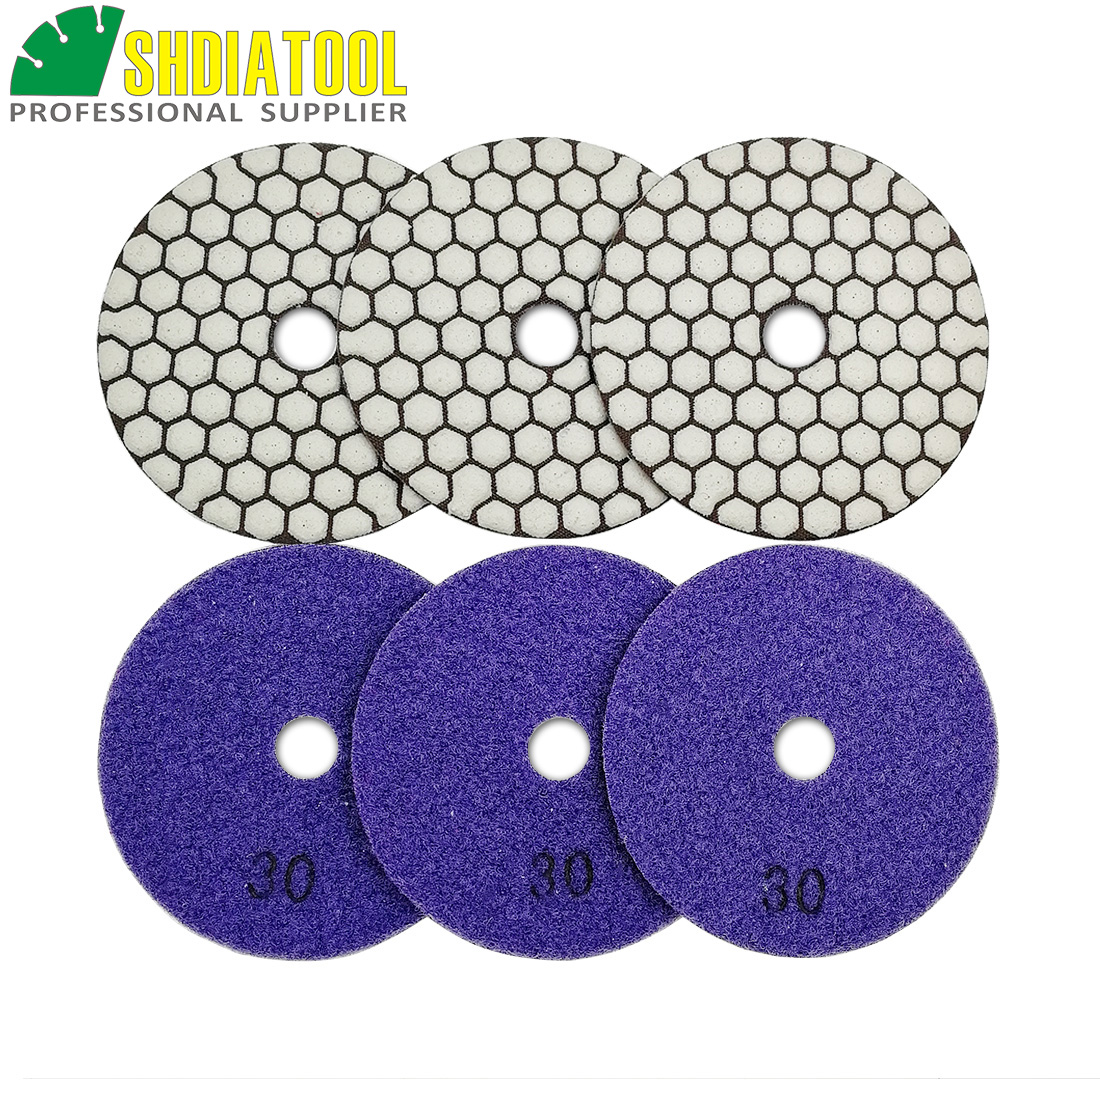 SHDIATOOL Diamante Almohadilla de Pulido 7 Piezas Grano 100 para Pulir en Seco M/ármol Granito Piedra Cer/ámica Dia 100mm//4 Pulgadas